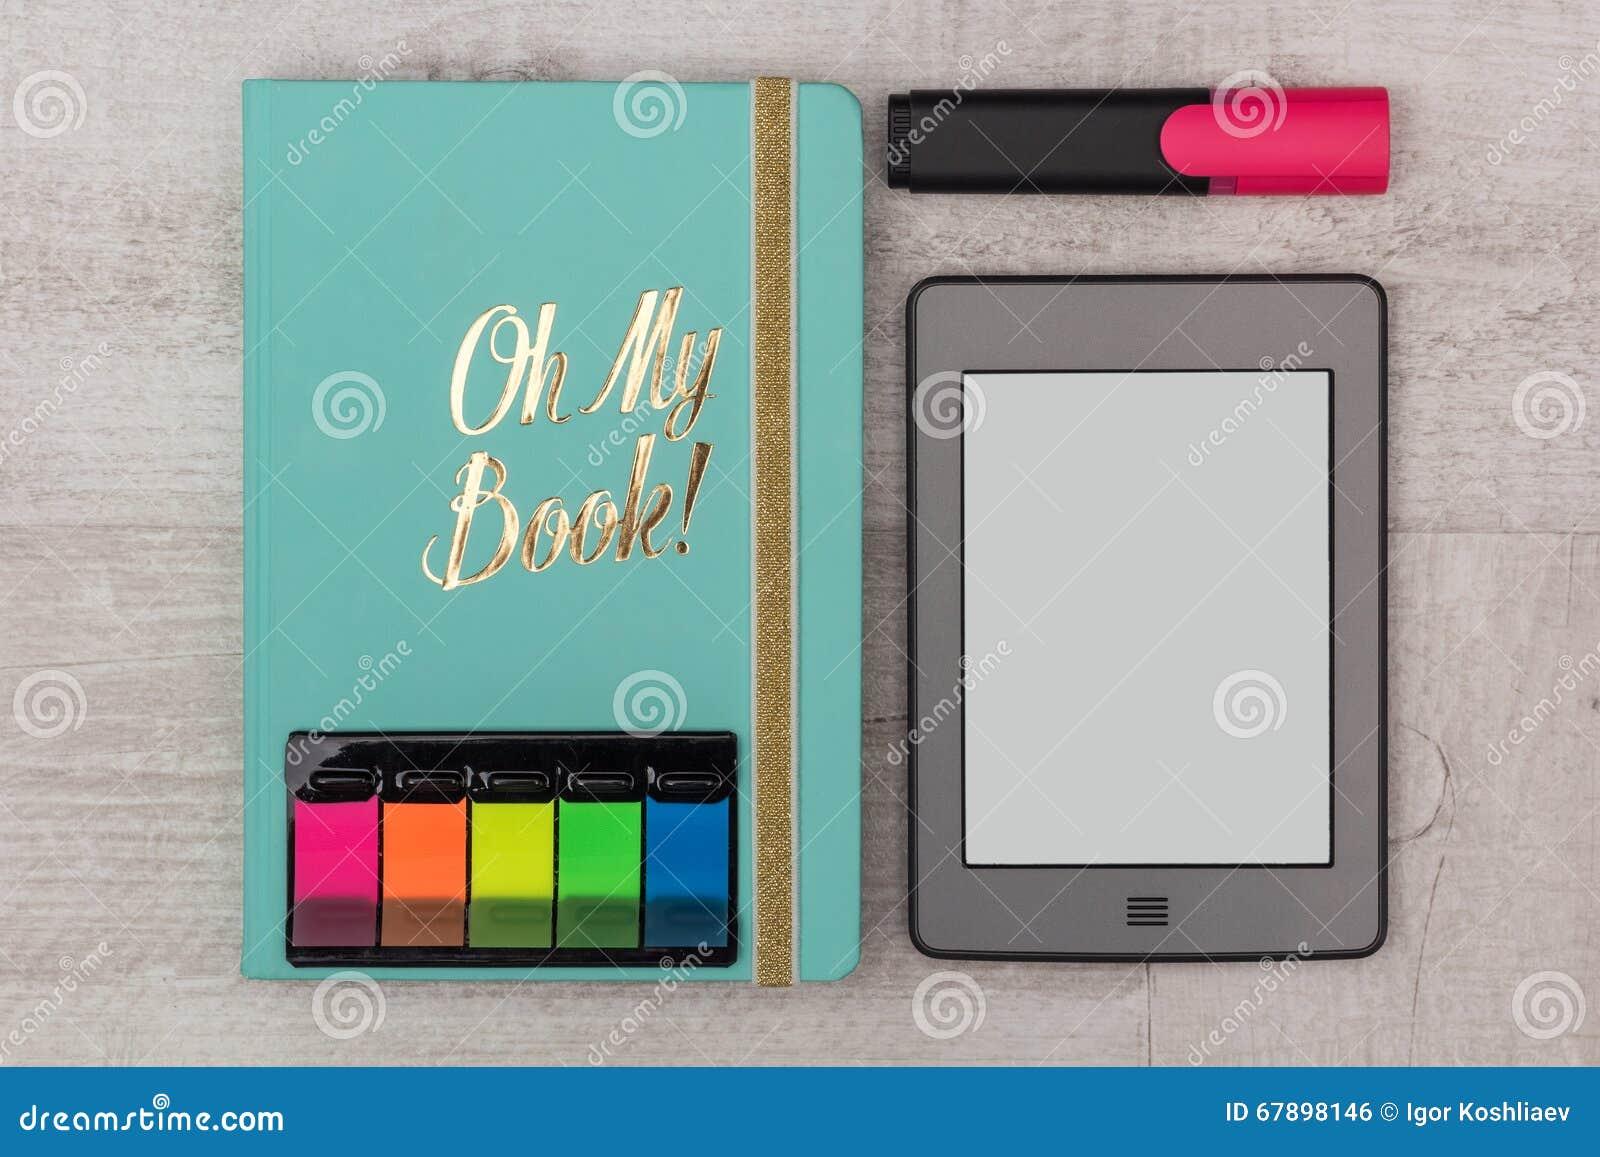 Επιχείρηση καθορισμένη: ημερολόγιο, eBook και δείκτης